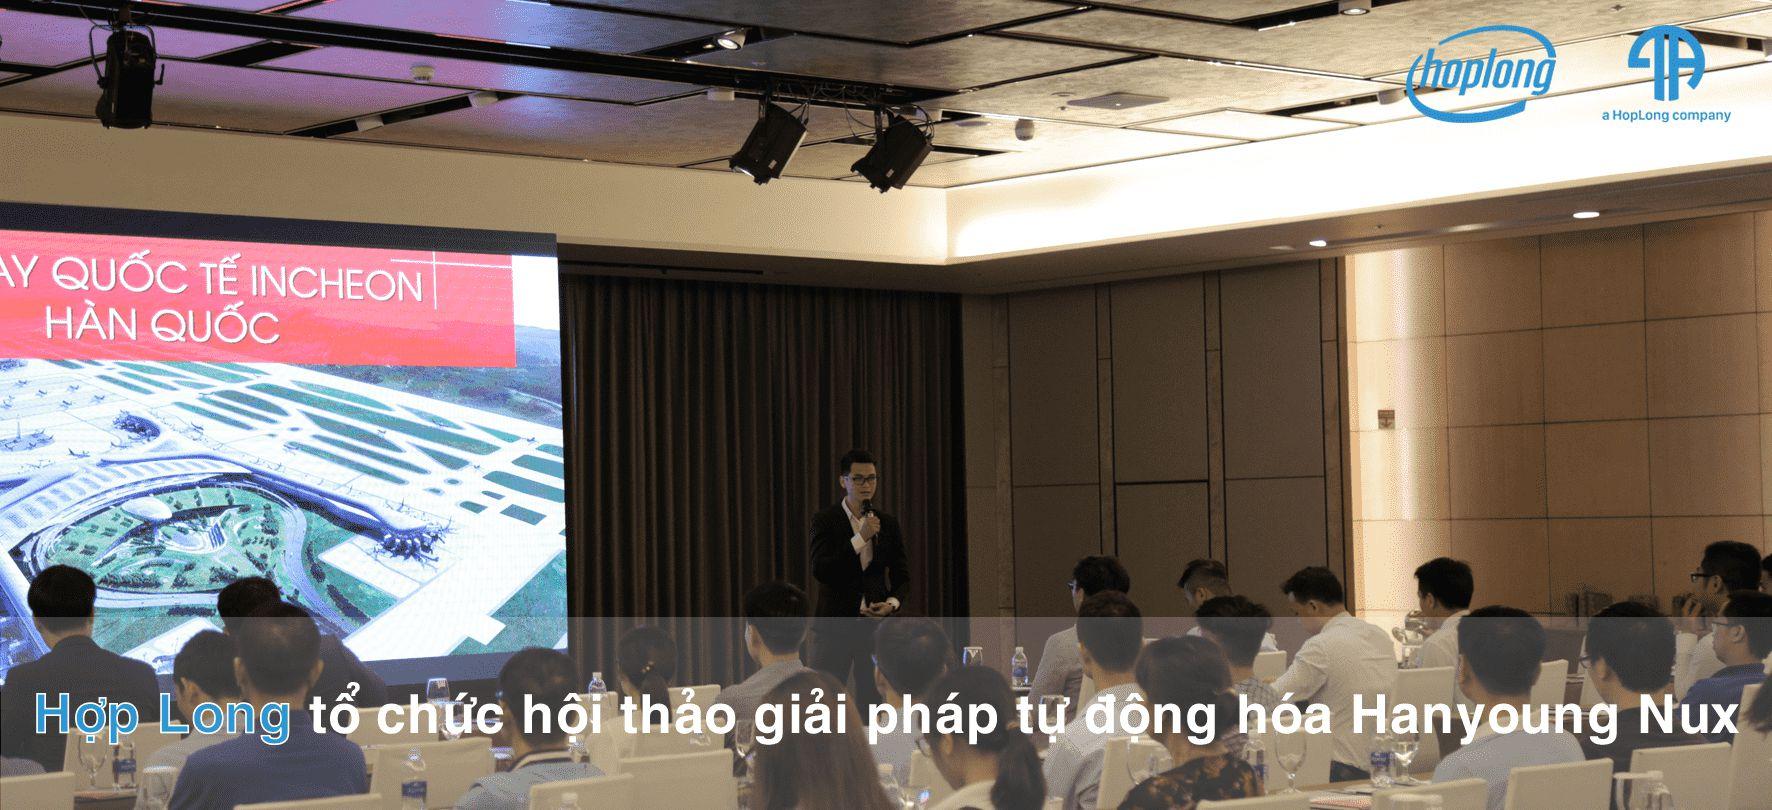 Hợp Long Tổ Chức Hội Thảo Giải Pháp Tự Động Hóa Hanyoung Nux